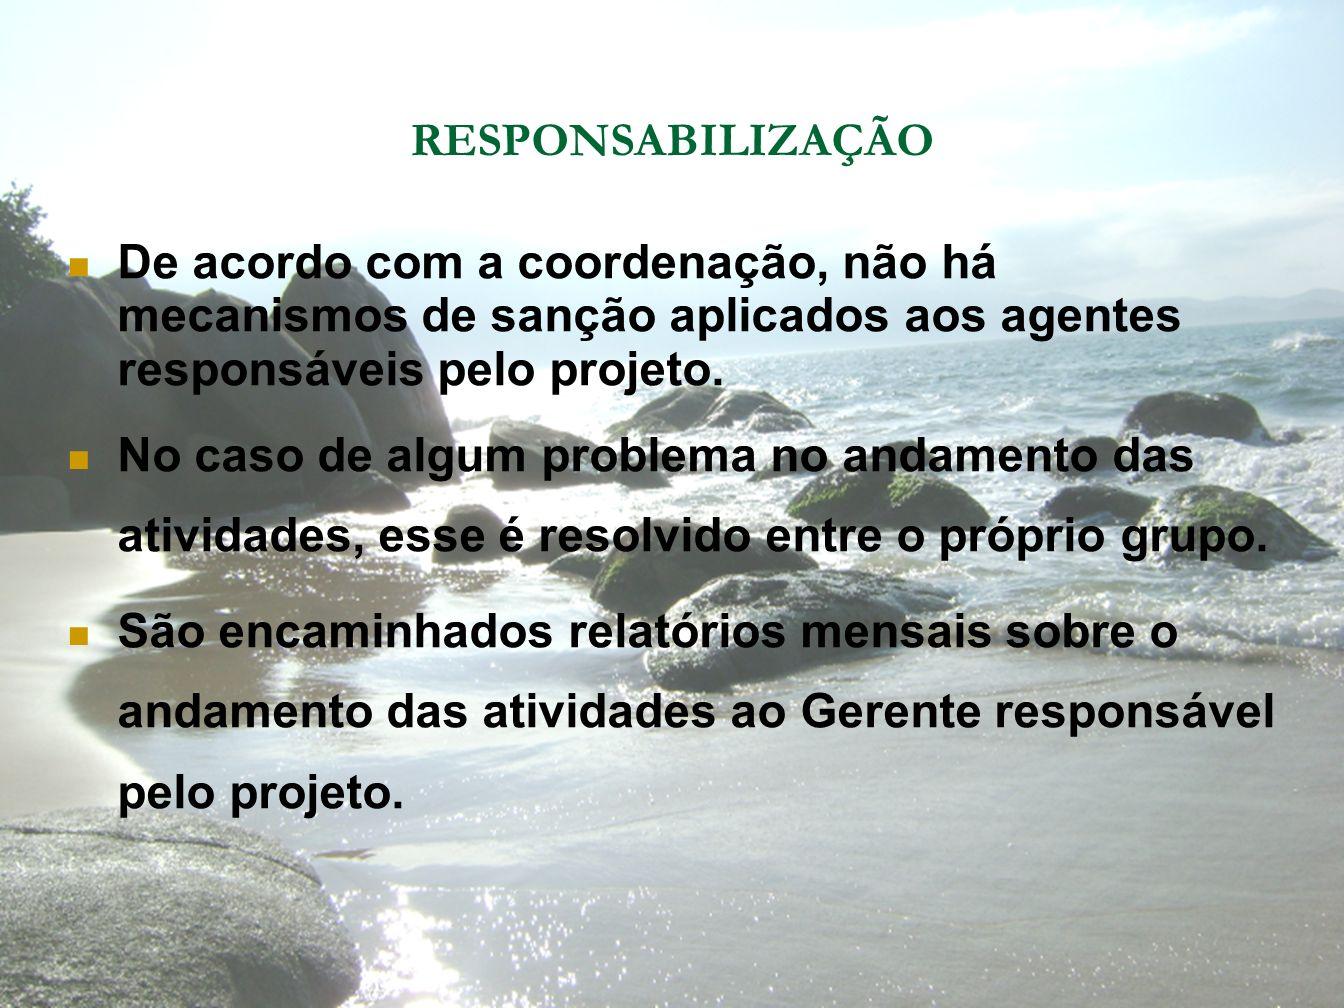 RESPONSABILIZAÇÃO De acordo com a coordenação, não há mecanismos de sanção aplicados aos agentes responsáveis pelo projeto.